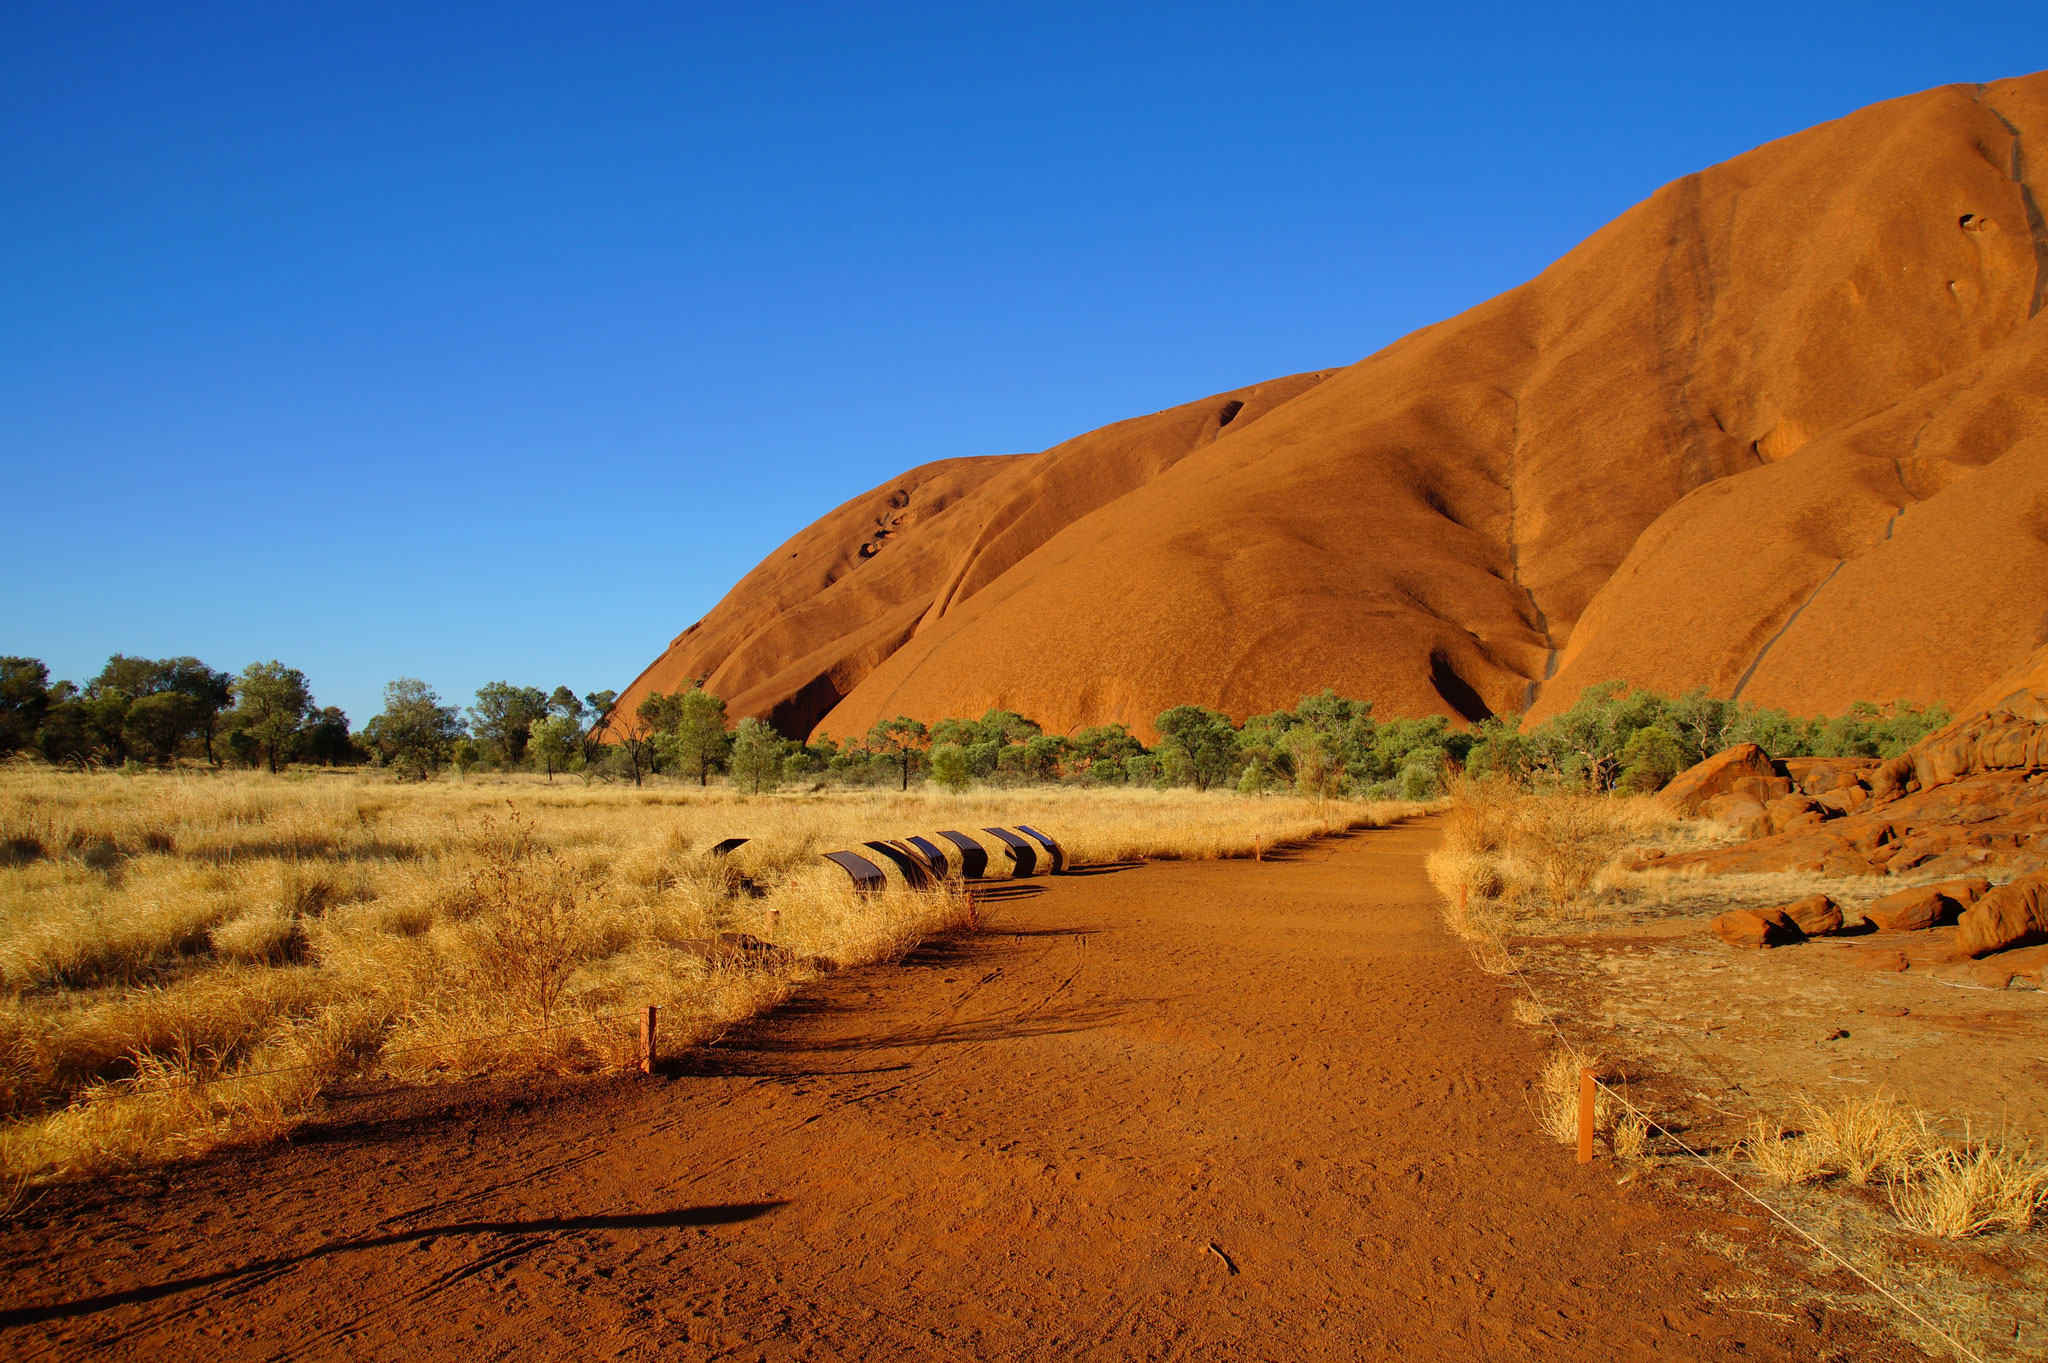 TOP 1 – Uluru und Kata Tjuta ragen eine halbe Autostunde voneinander entfernt aus der Wüste. Auf Wanderwegen erzählen Infotafeln von der Kultur der Aborigines.